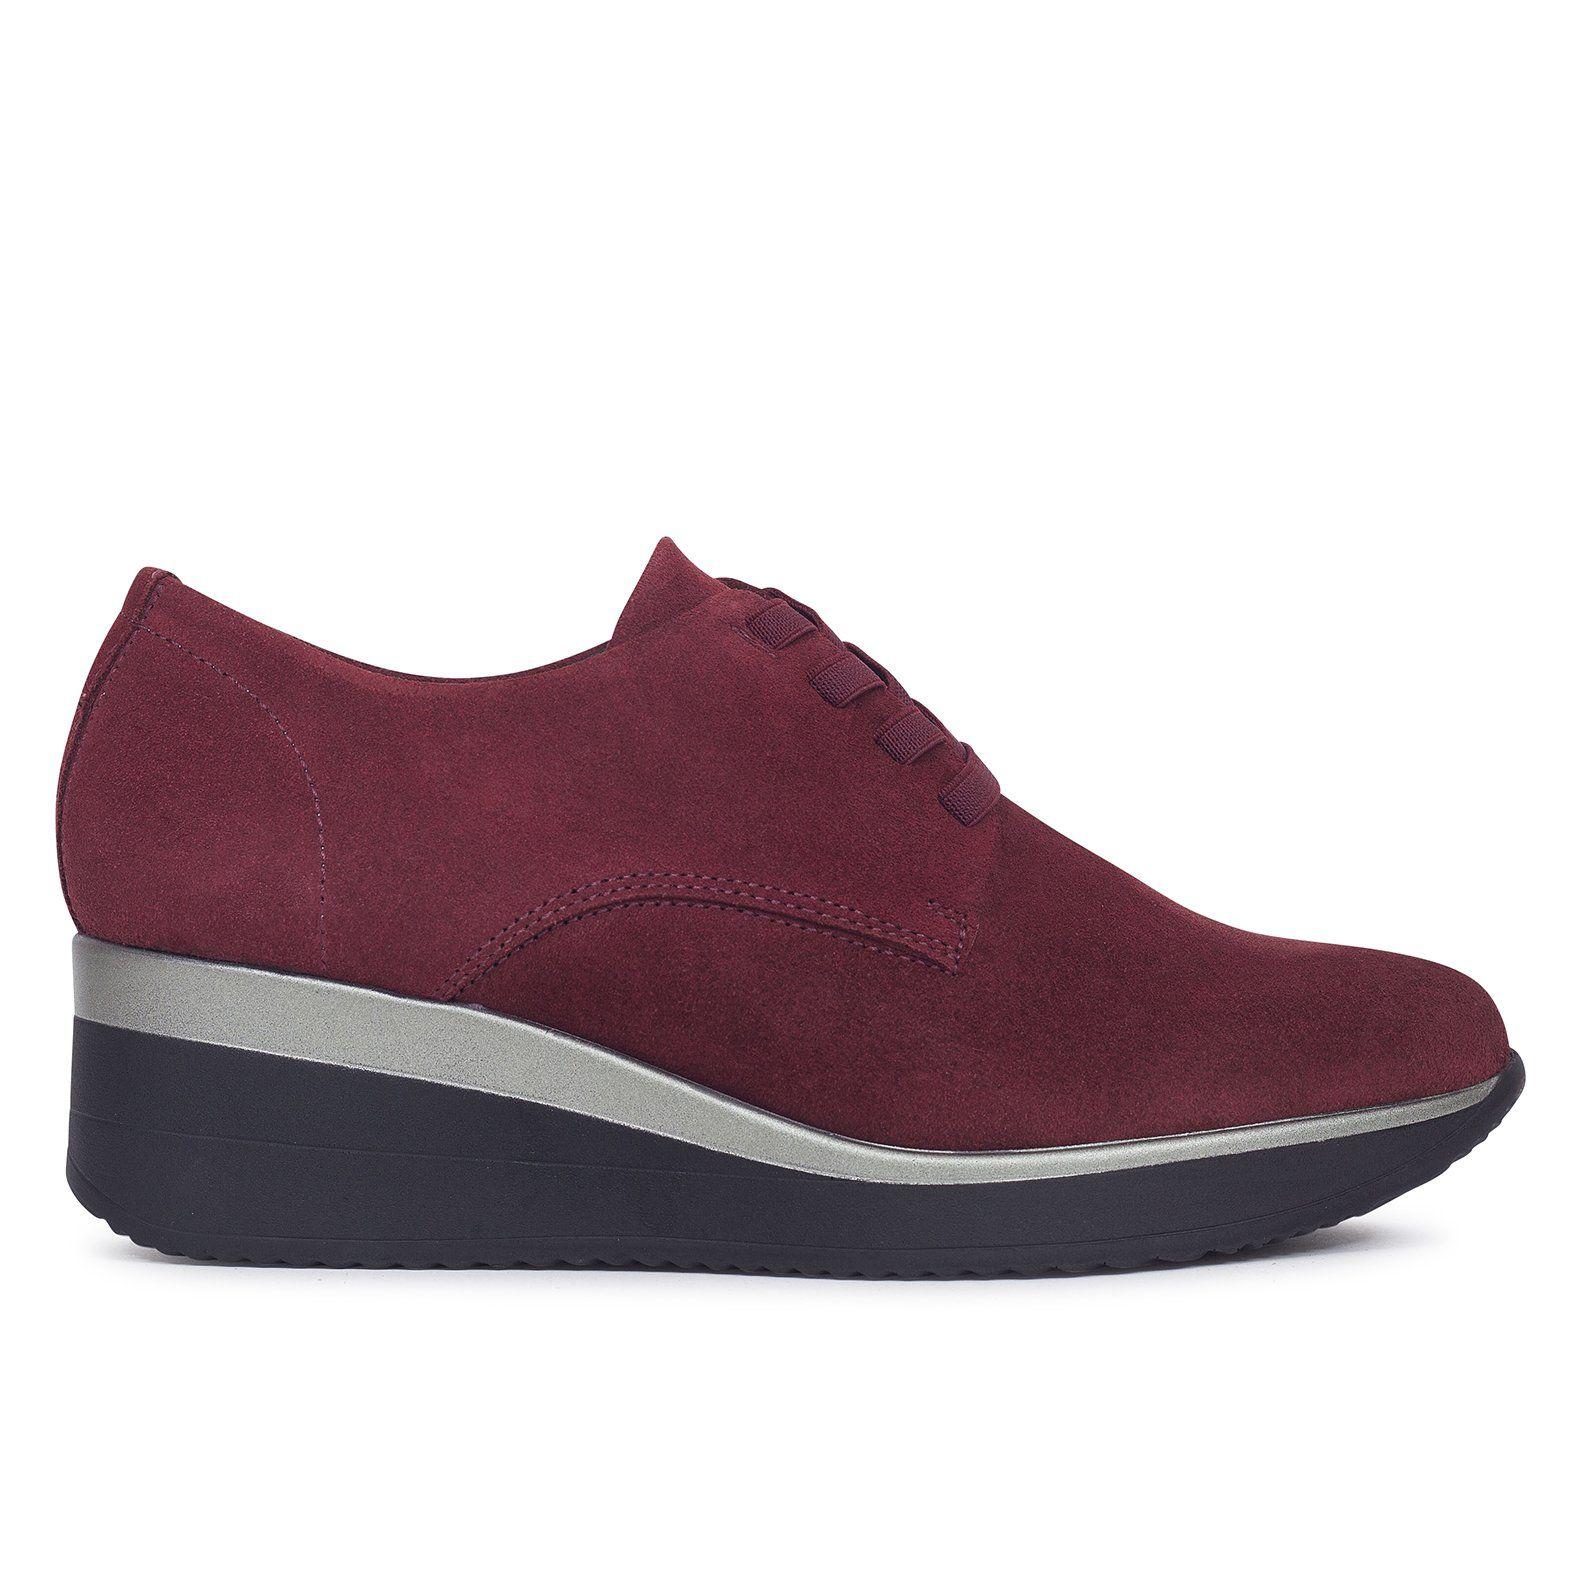 93aaebbb Zapato blucher mujer BURDEOS de piel Zapatos online de marca miMaO – miMaO  ShopOnline